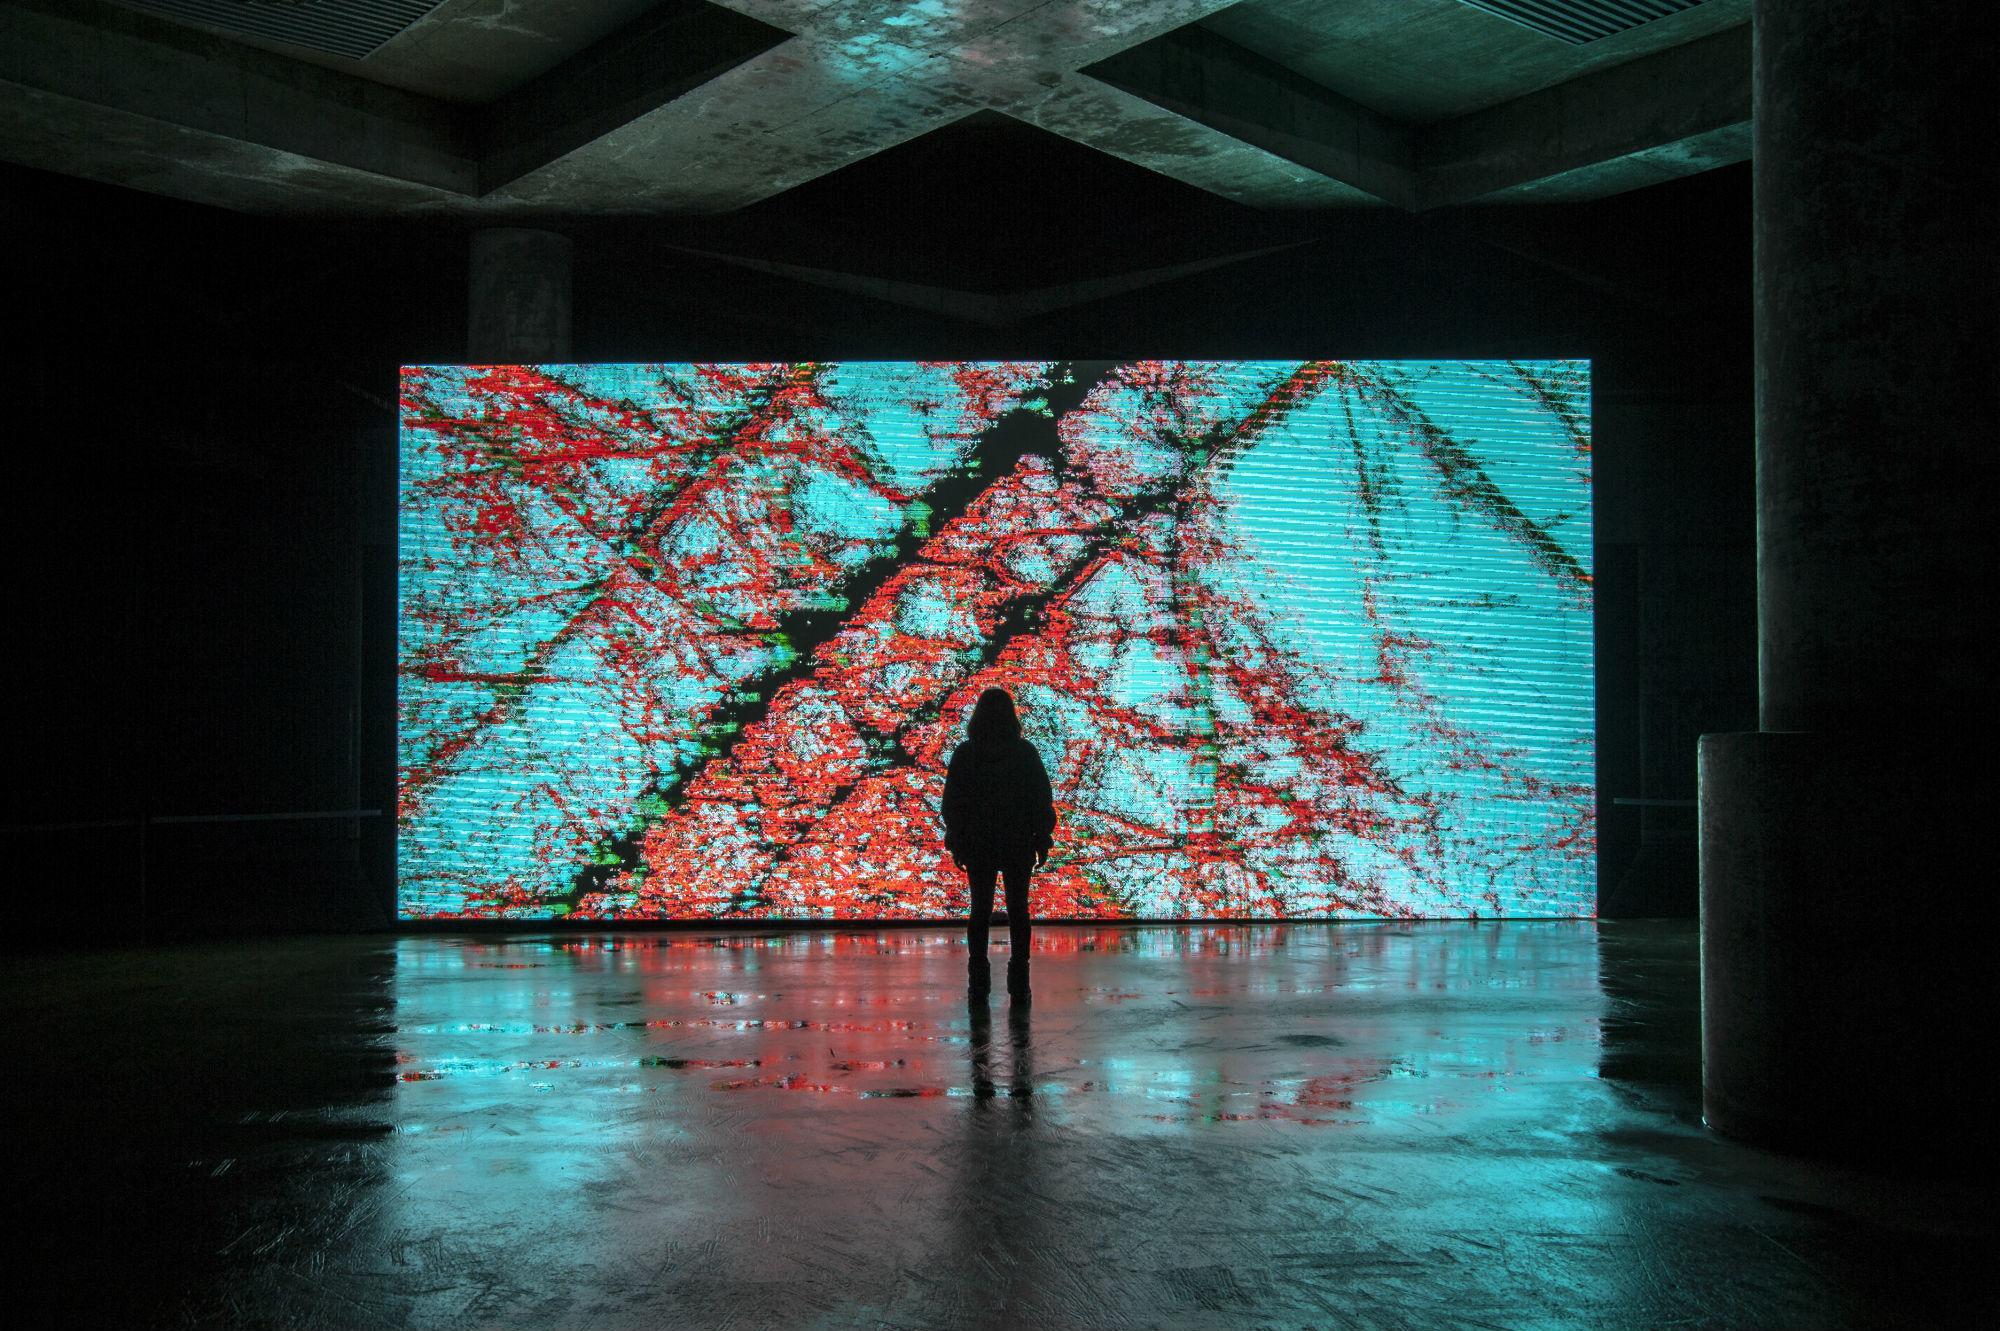 出展作品(参考画像):平川紀道「DATUM」2016年